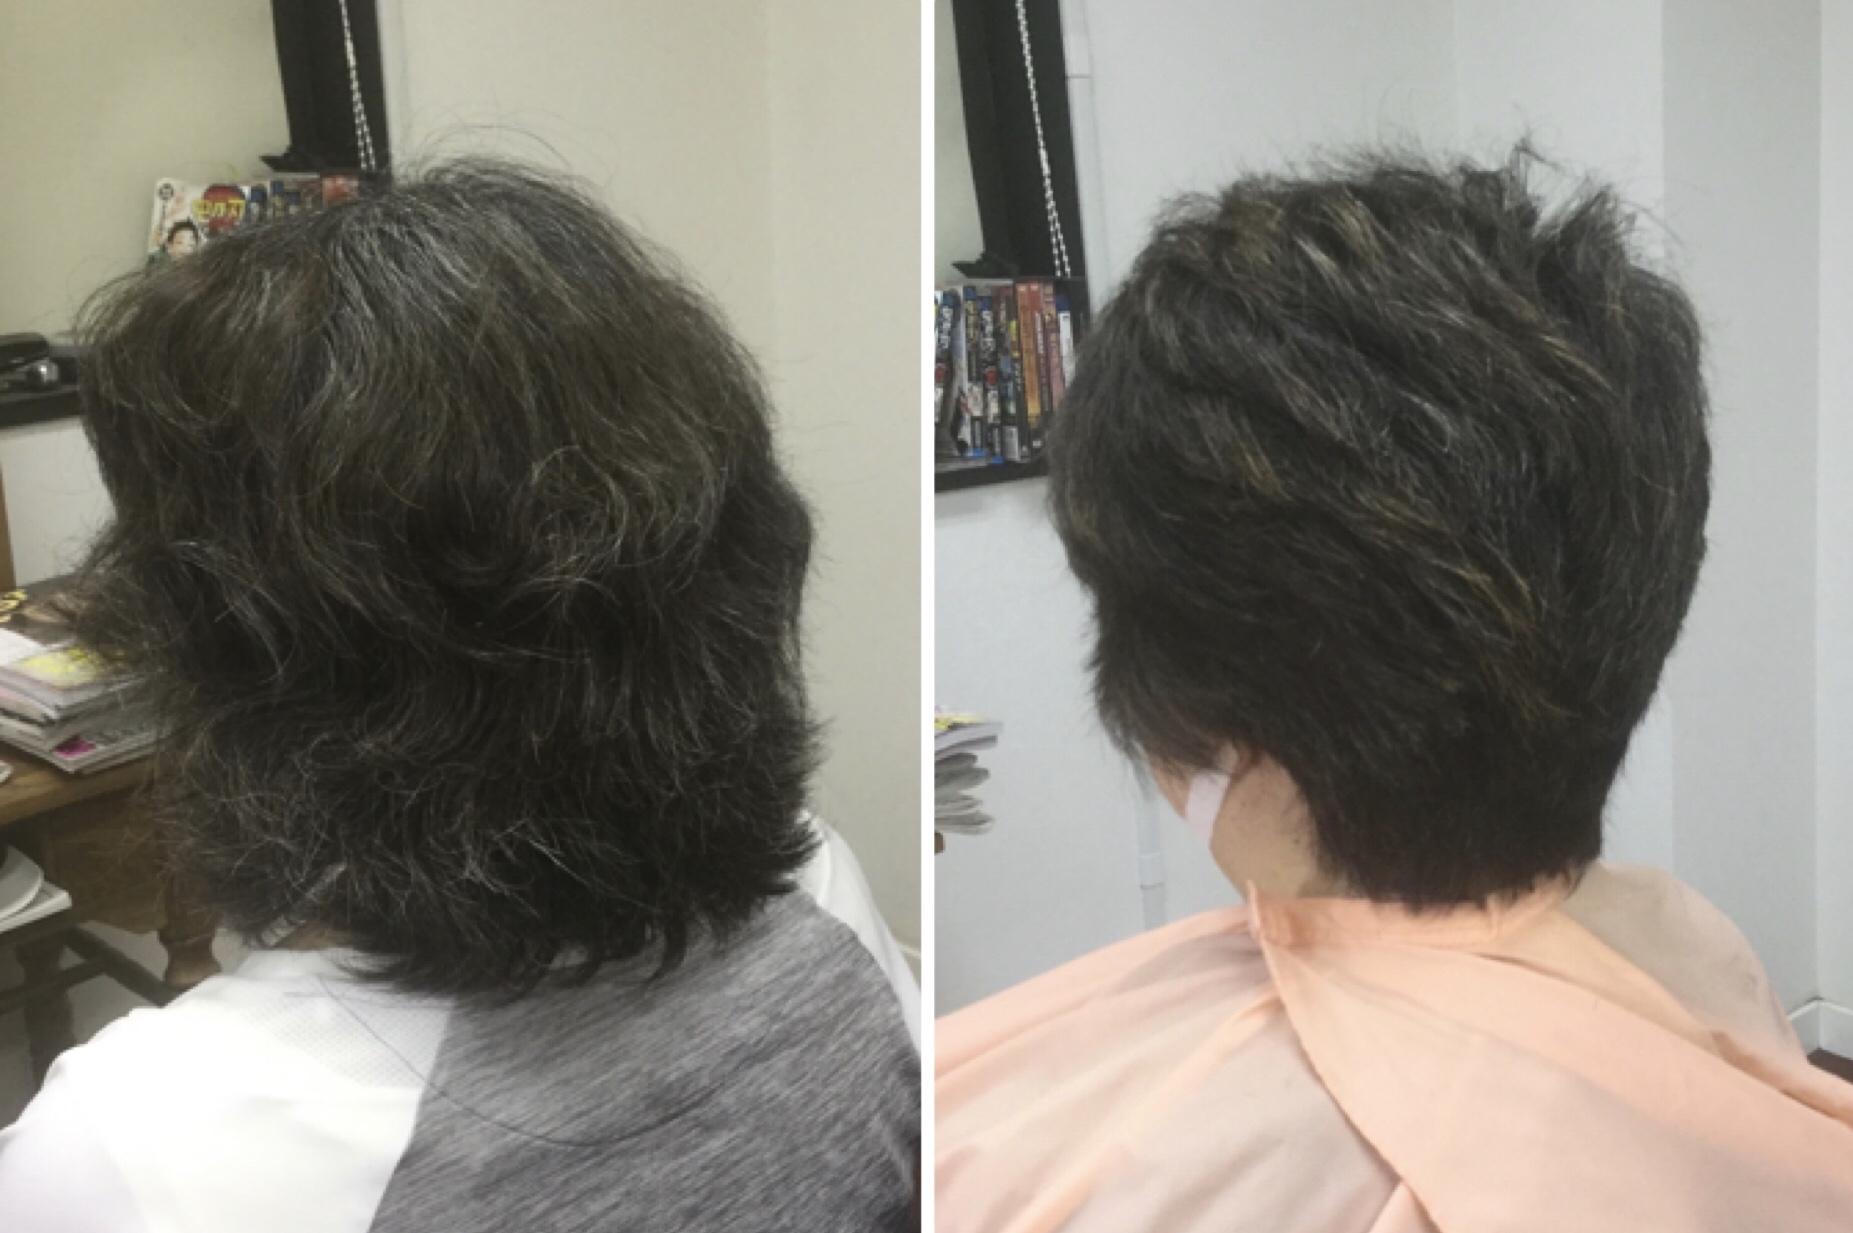 梅雨時期のくせ毛の悩みは縮毛矯正だけでない!神戸摂津本山美容室アバディ